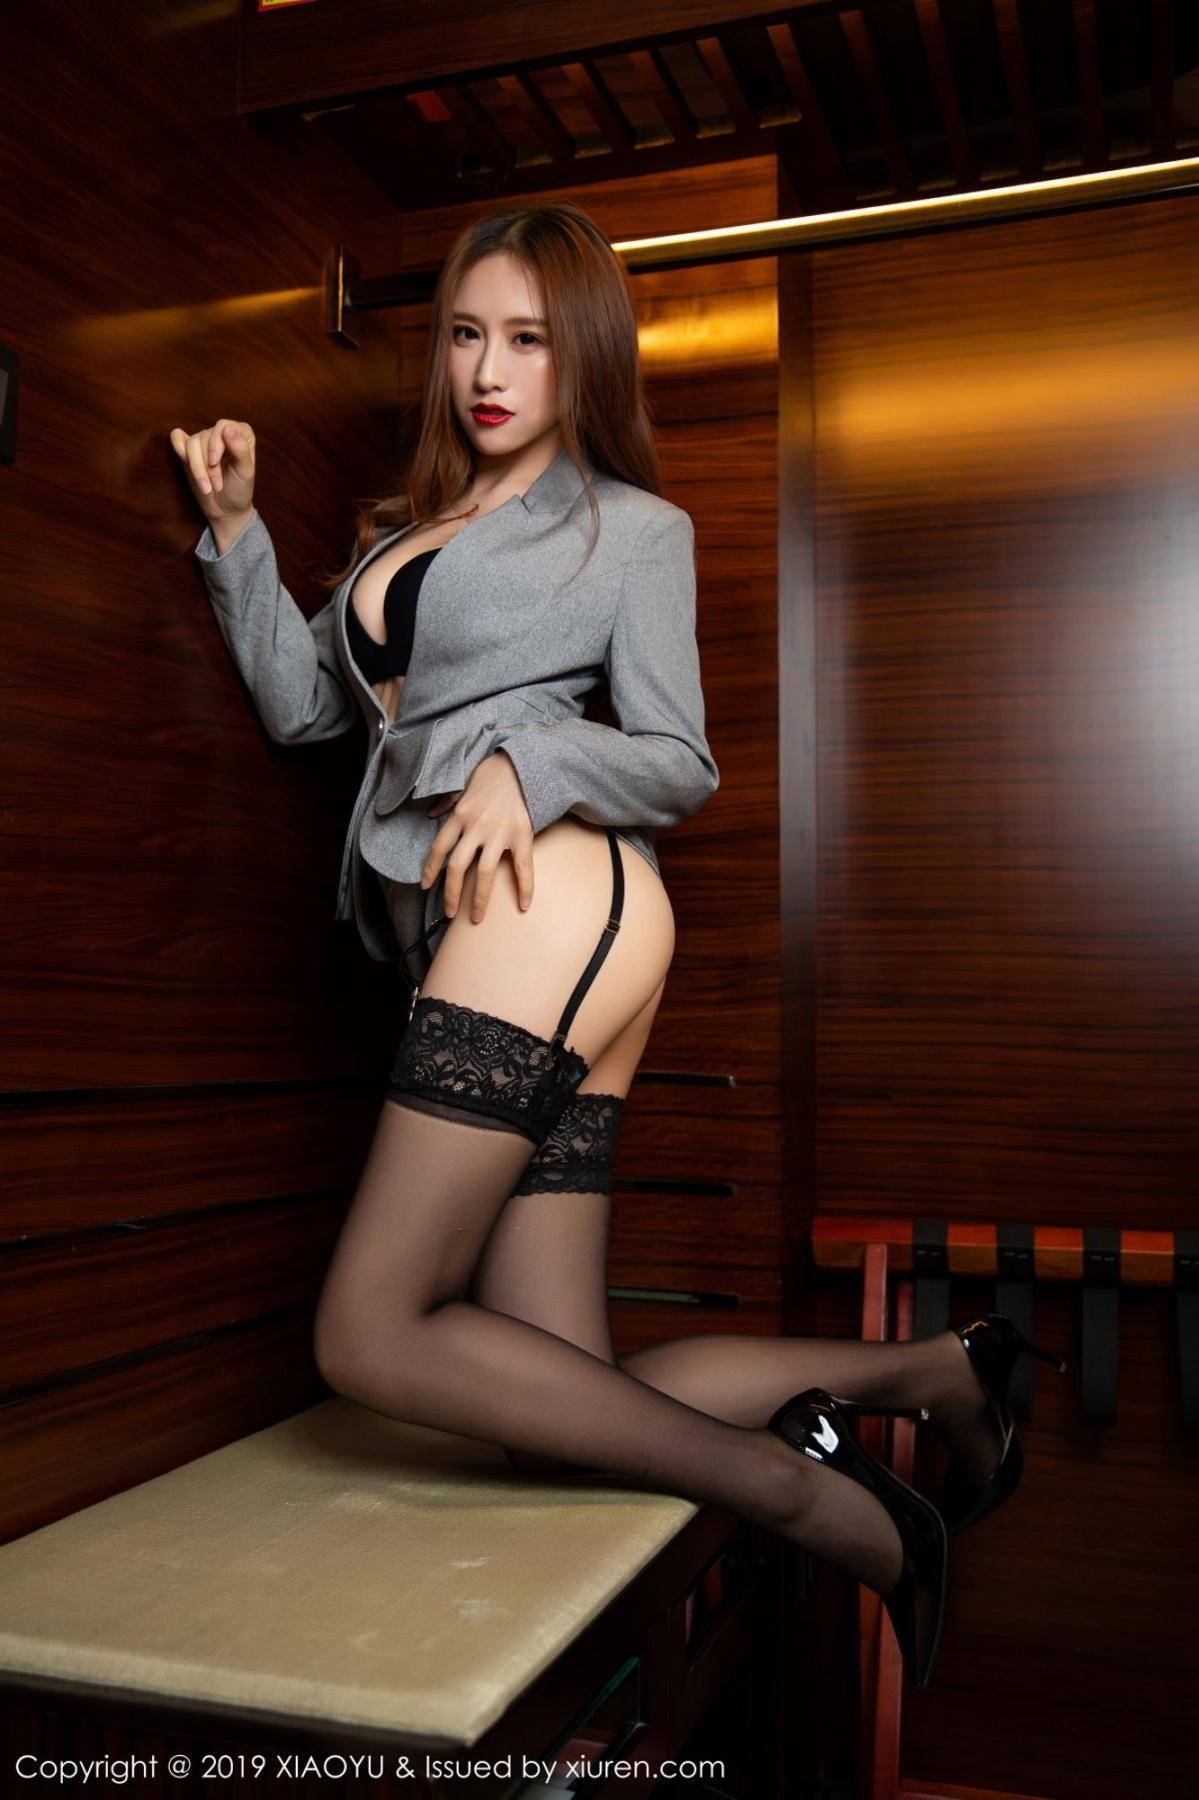 [XiaoYu] Vol.096 Yue Yin Tong 5P, Black Silk, Uniform, XiaoYu, Yue Yin Tong